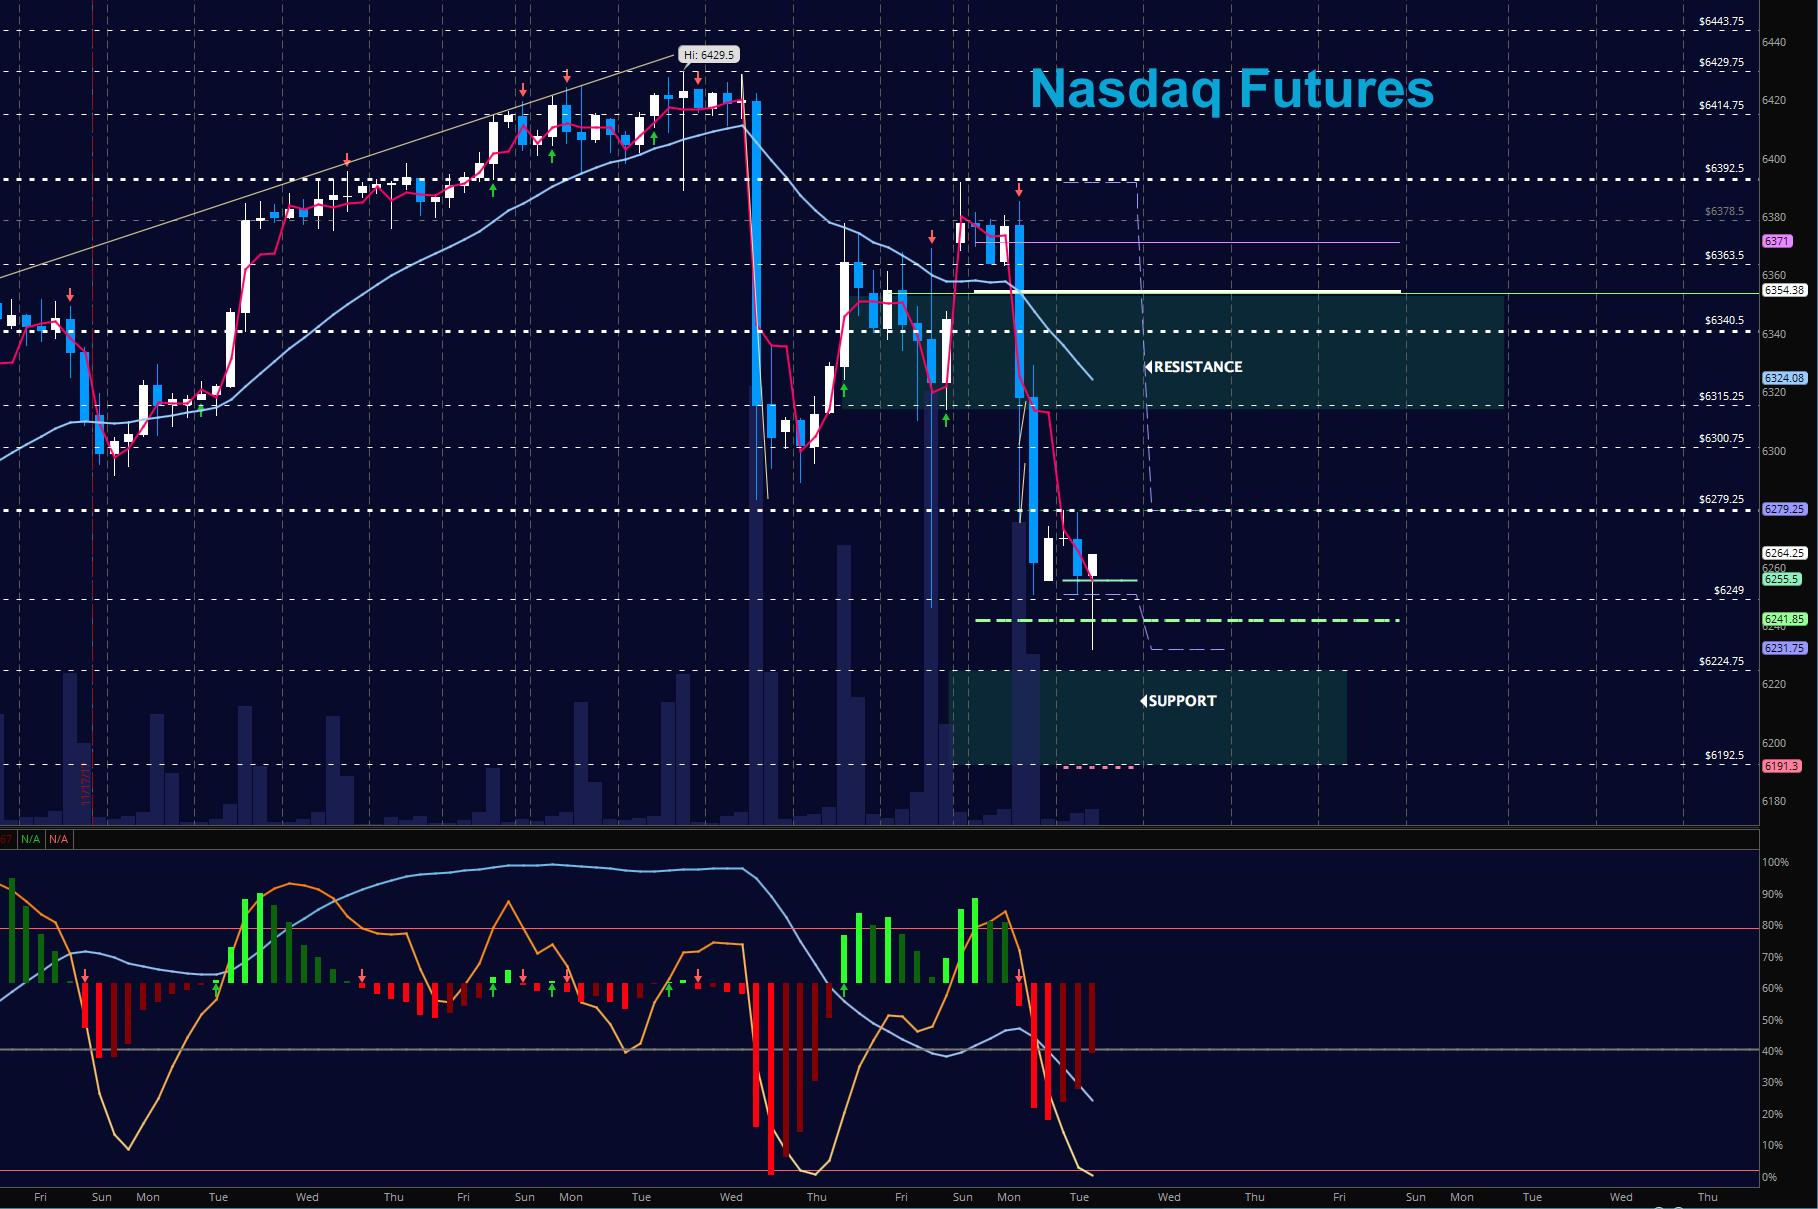 nasdaq futures december 5 stock market trading chart_news_update